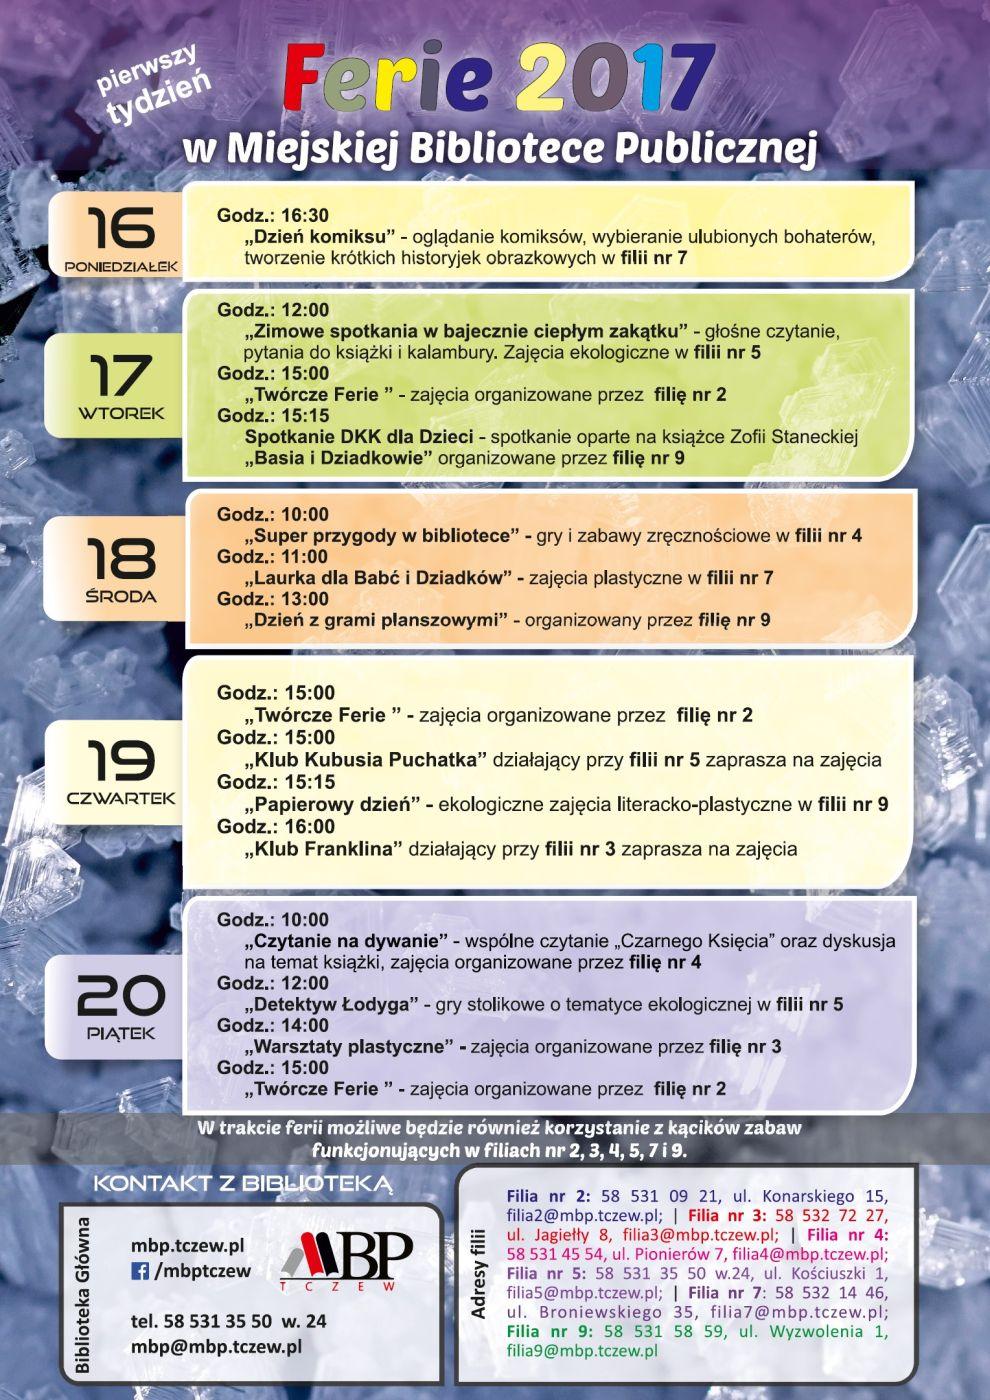 Plan pierwszego tygodnia ferii zimowych w Bibliotece w roku 2017